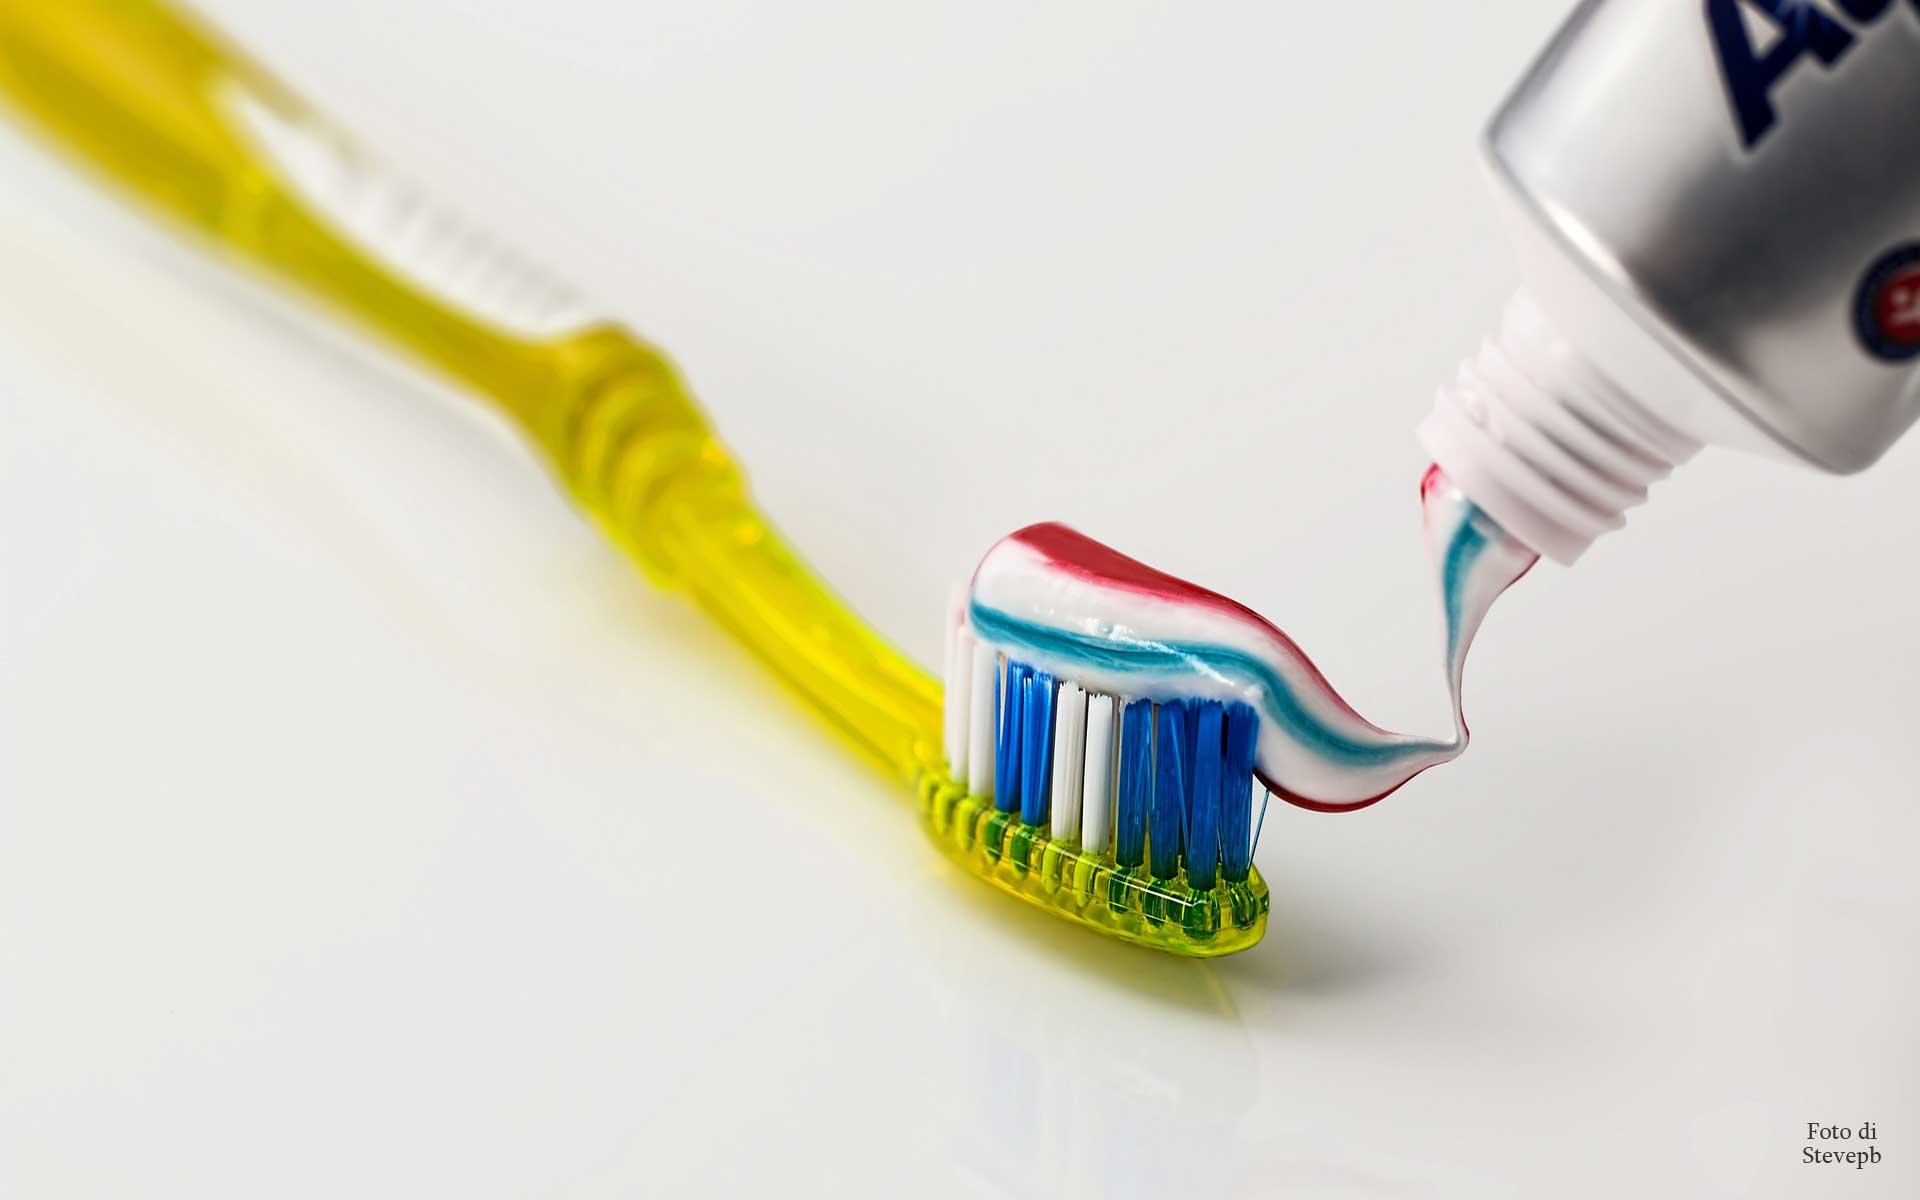 placca batterica come difendersi - Dentista fabio Moriconi